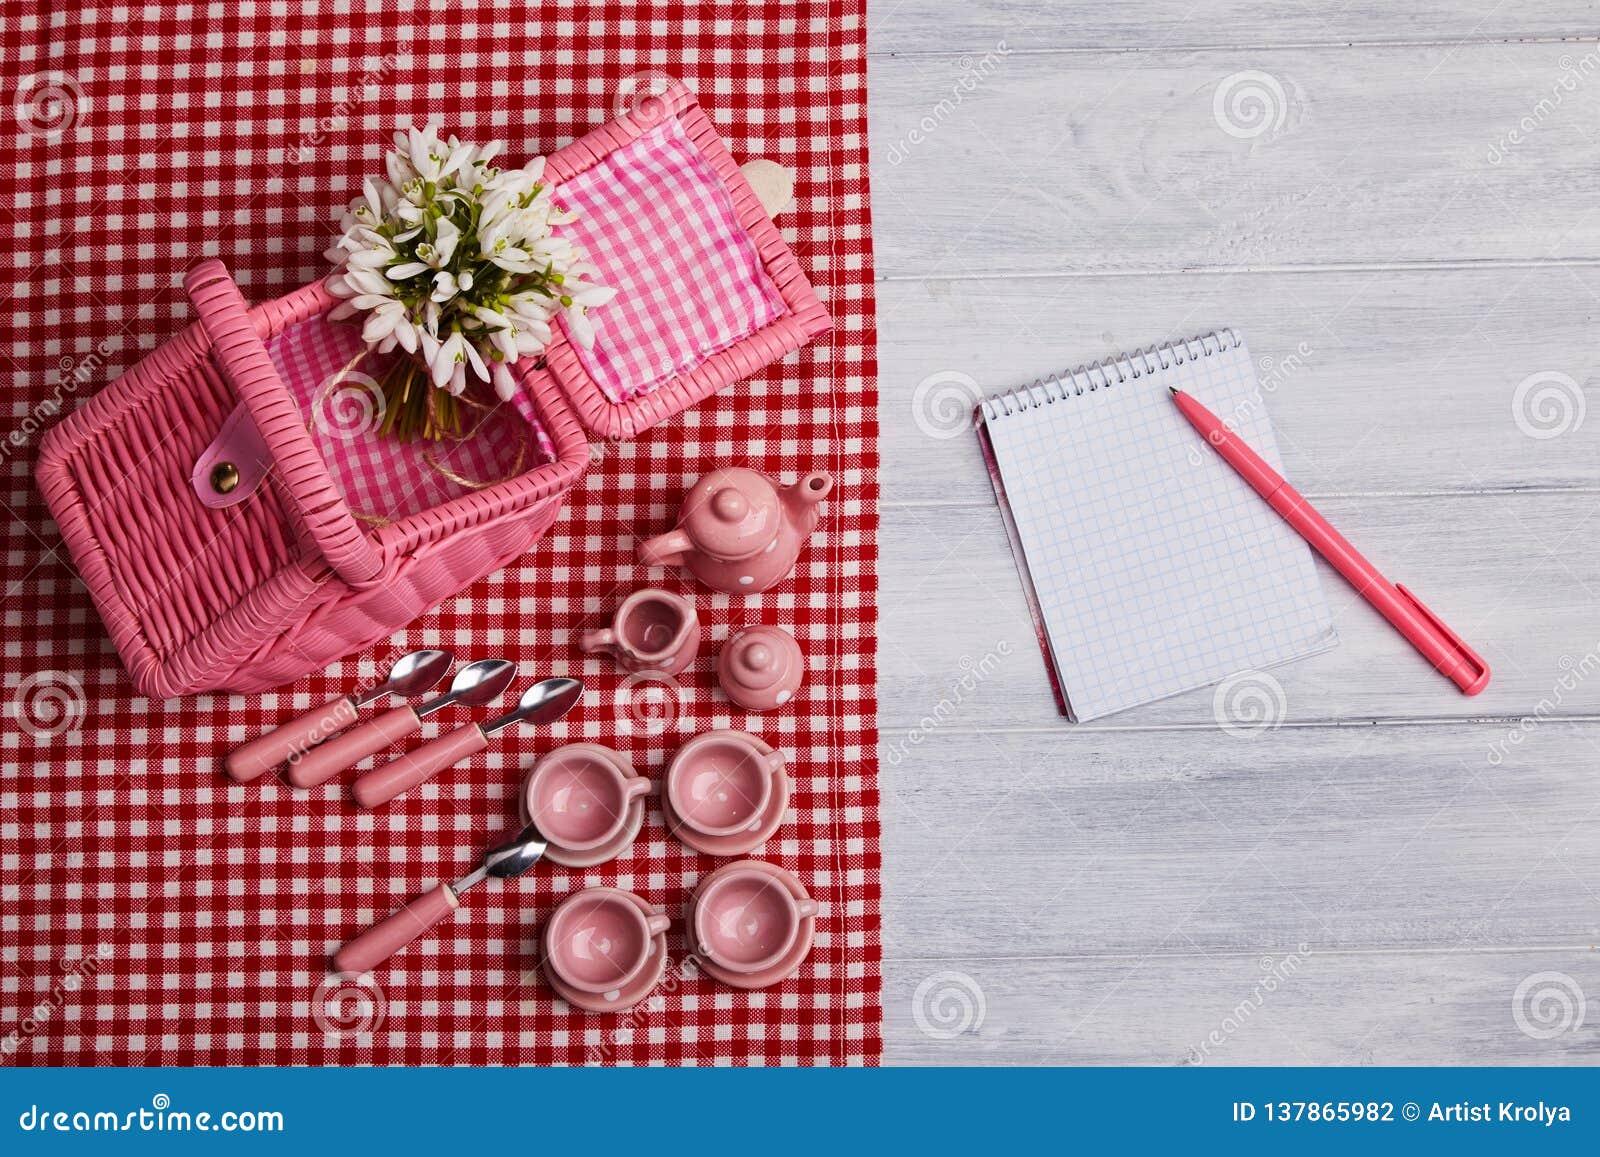 Pinkin karta z stołowym położeniem i śnieżyczkami, silverware, czerwony biel sprawdzał pieluchę